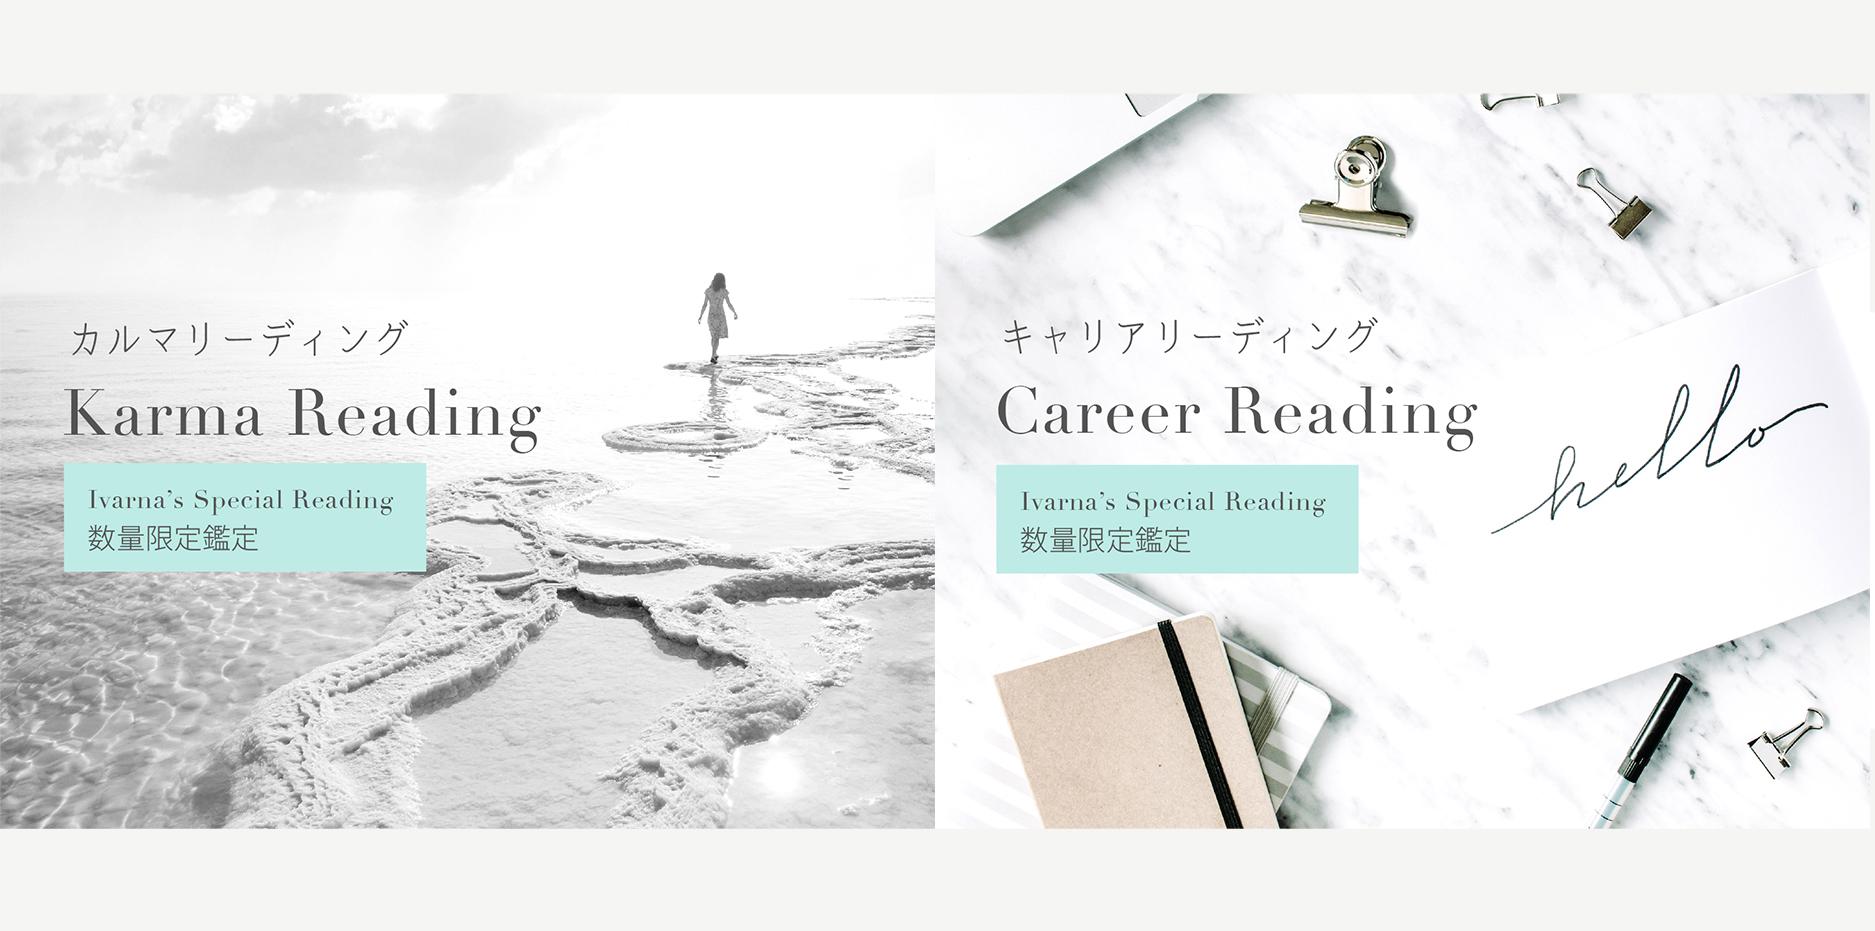 『カルマリーディング』『キャリアリーディング』常時販売開始のお知らせ